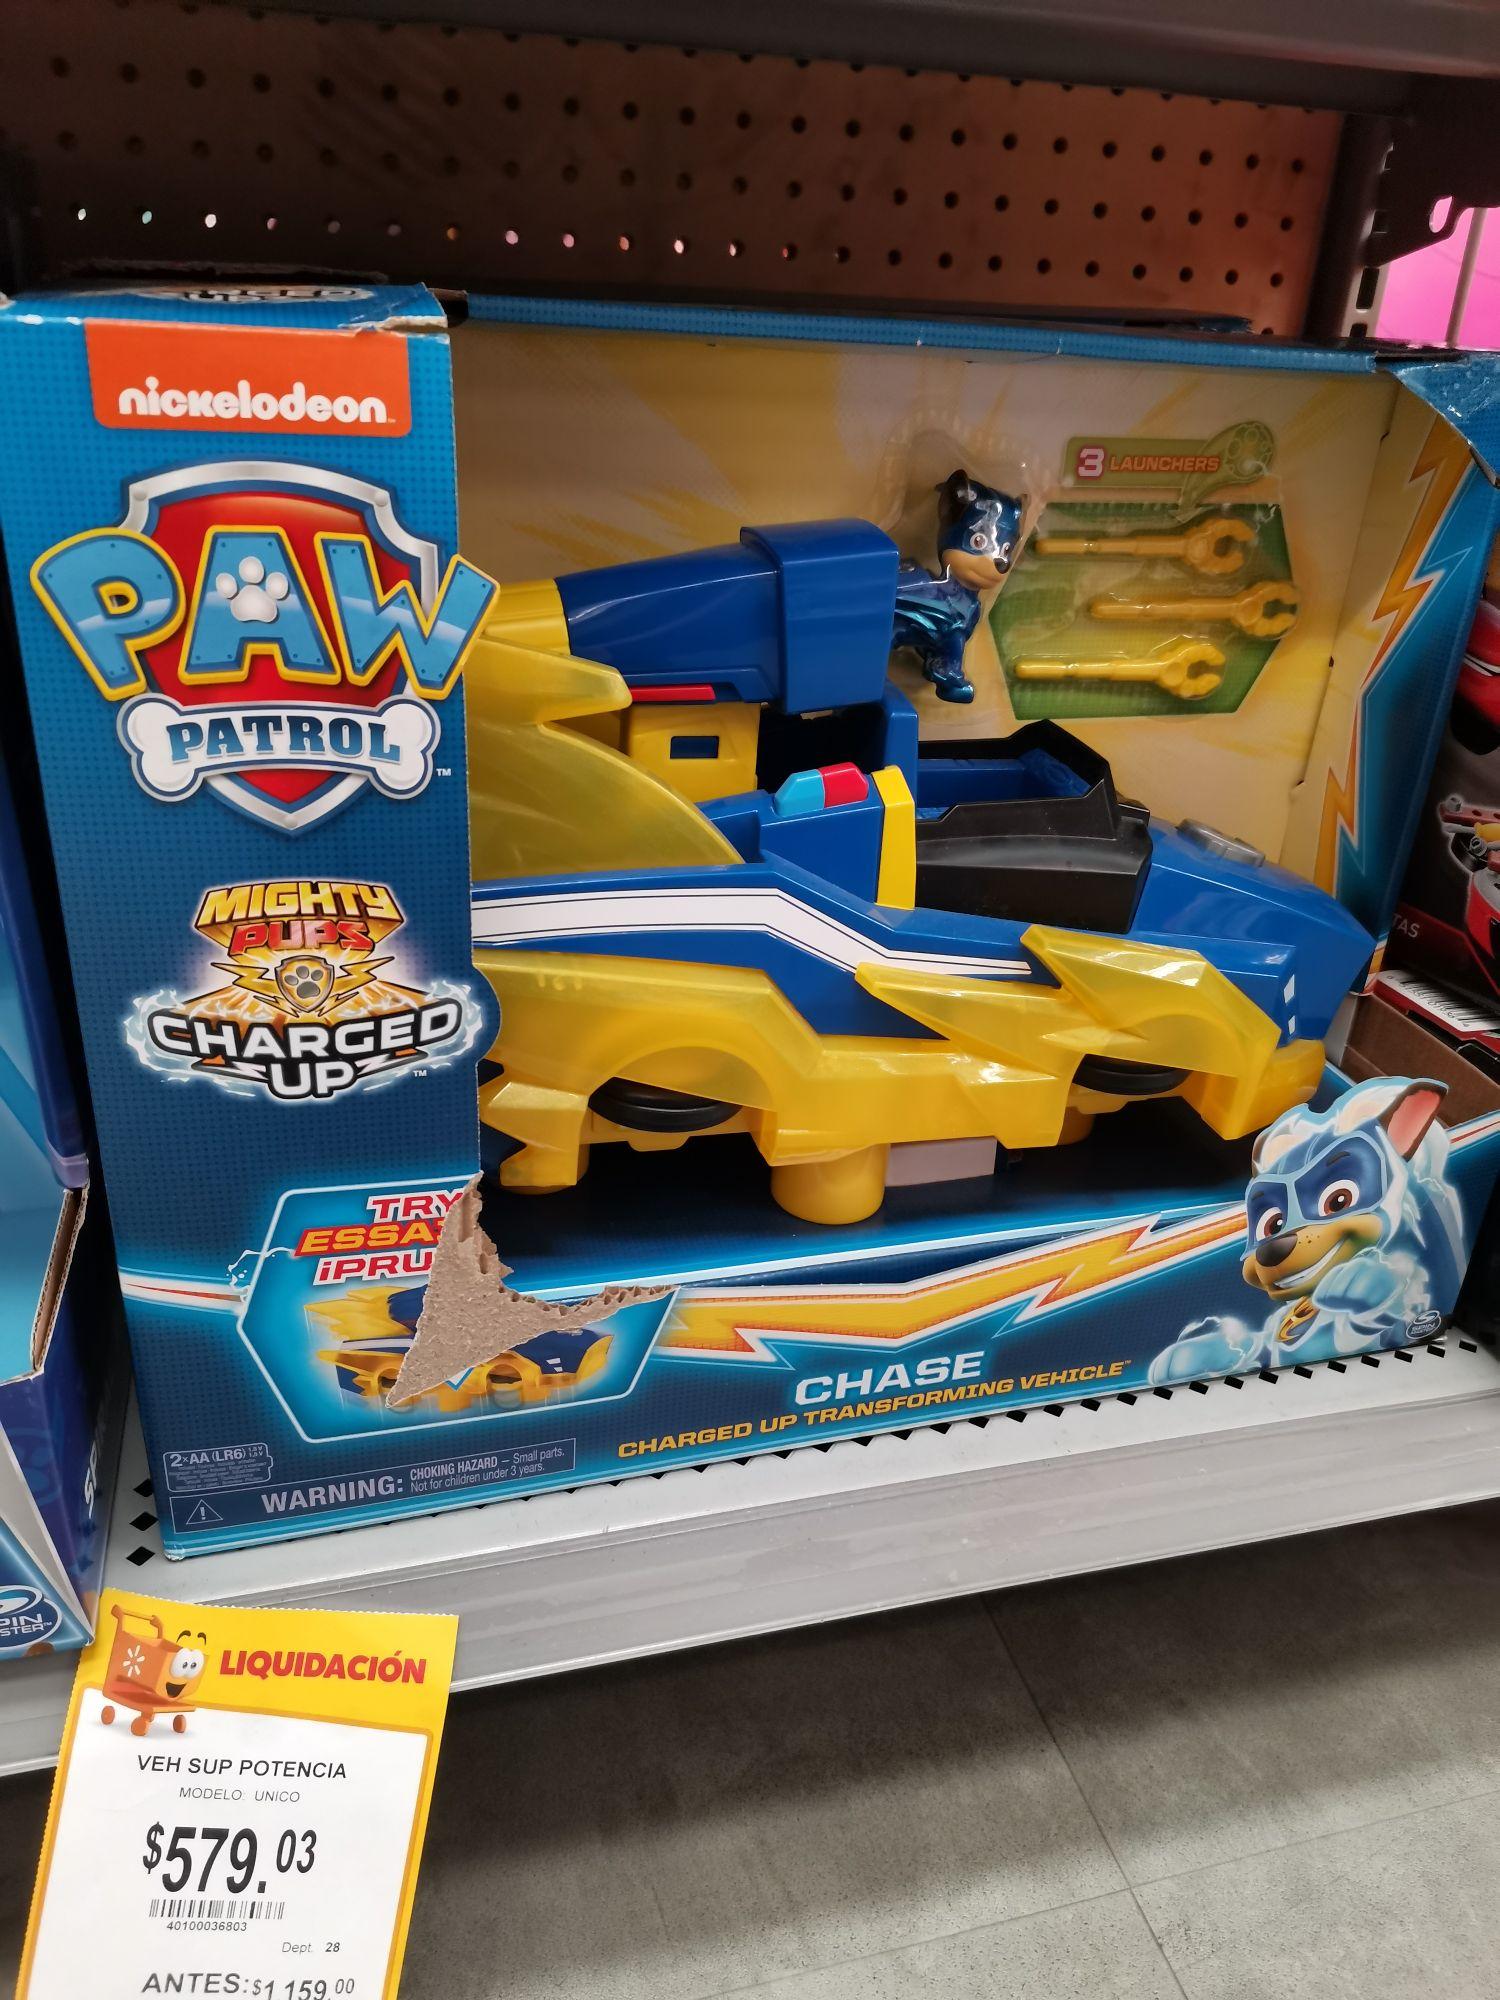 Walmart Félix Cuevas CDMX: Paw Patrol Super Potencia $579.03 y Vaporera Komale $419.03